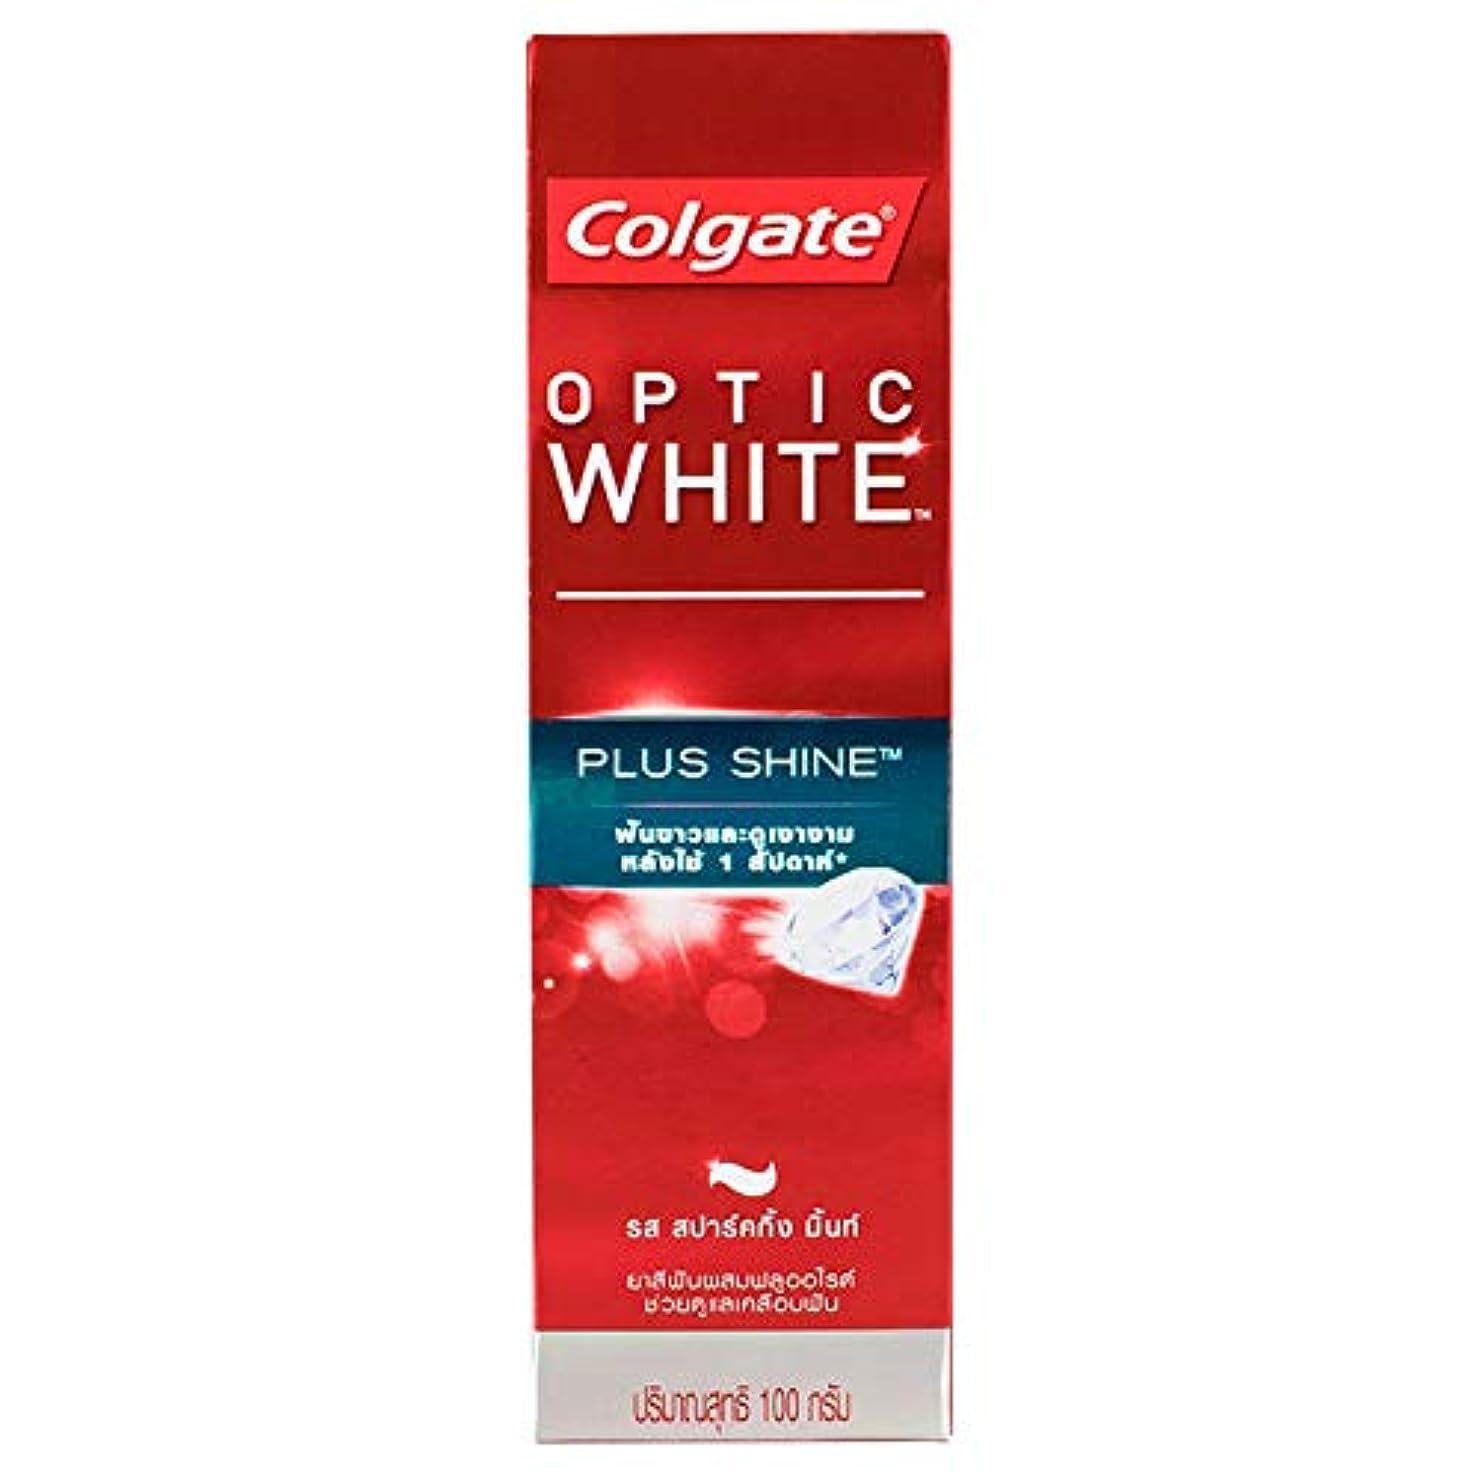 重量硬い年次(コルゲート)Colgate 歯磨き粉 「オプティック ホワイト 」 (プラス シャイン)